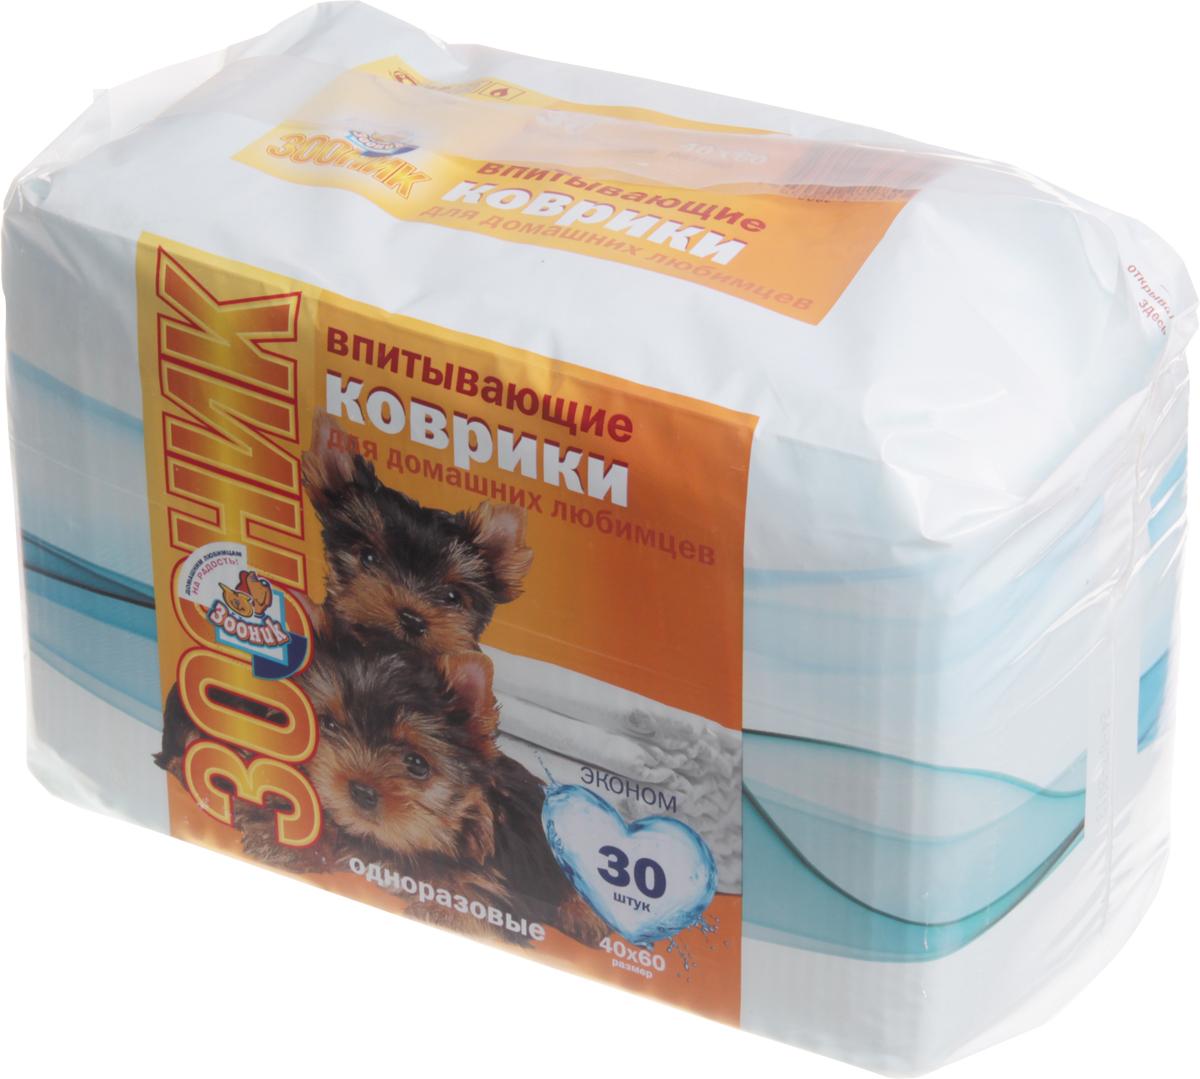 Коврики впитывающие Зооник, 40 х 60 см, 30 шт0120710Коврики впитывающие Зооник предназначены для одноразового использования. Верхний слой изготовлен из мягкого нетканого гипоаллергенного материала, который отлично впитывает и удерживает влагу и поглощает запах. Коврики могут использоваться как для туалетных лотков, так и при транспортировке в переноске или автомобиле.Количество: 30 шт.